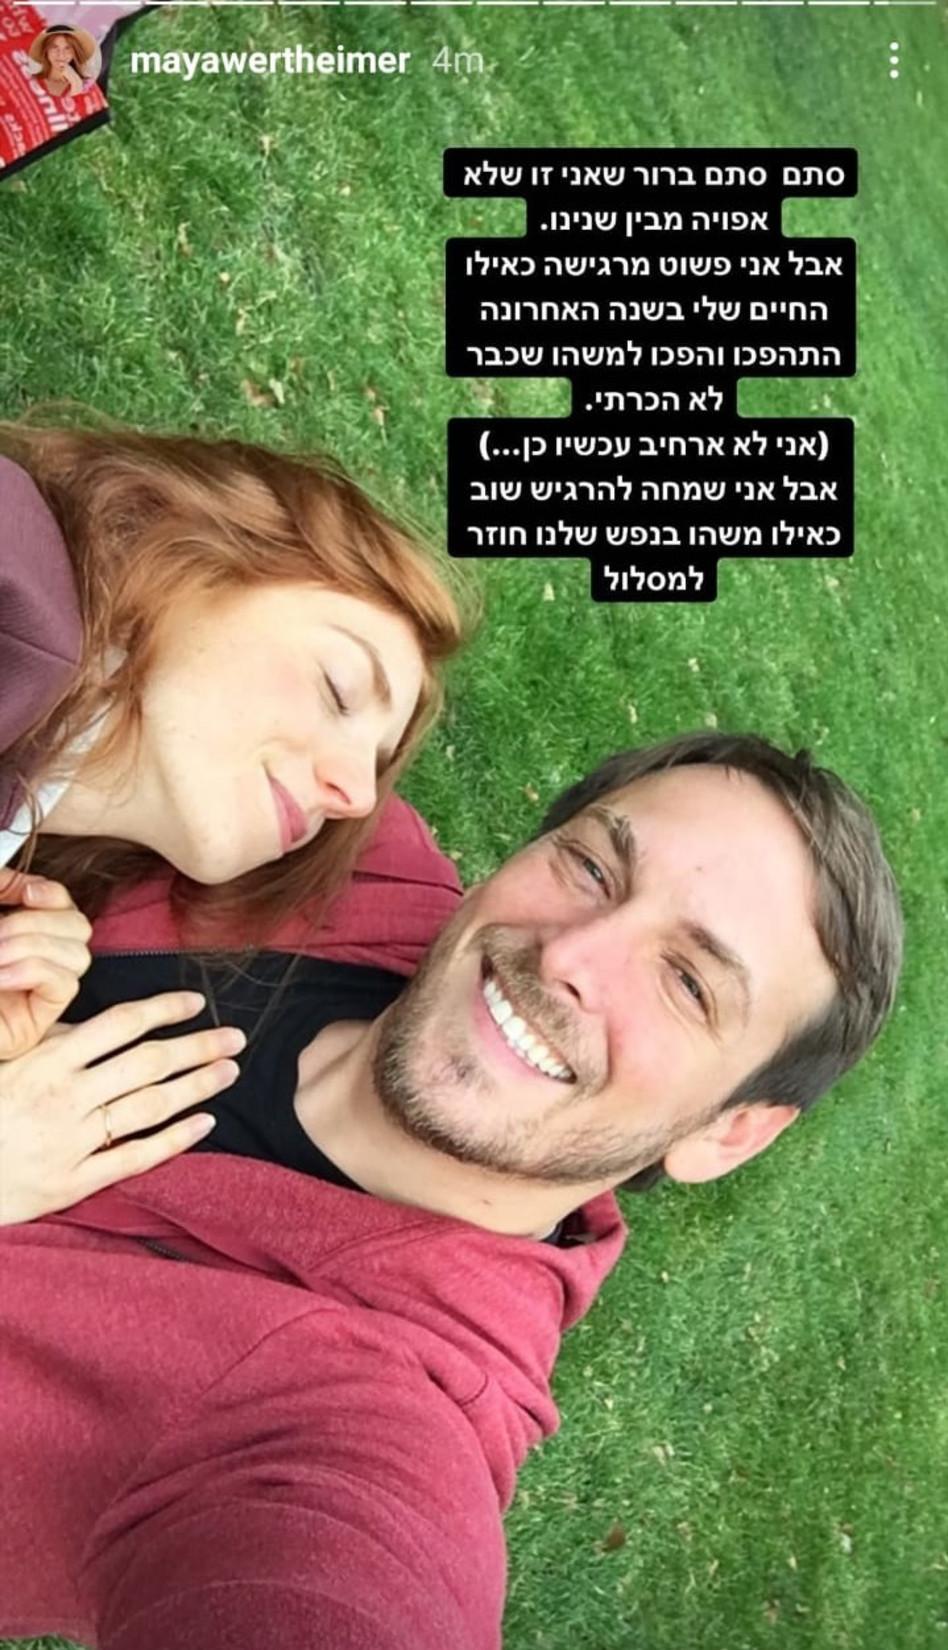 מאיה ורטהיימר, אסף זמיר (צילום: צילום מסך אינסטגרם)